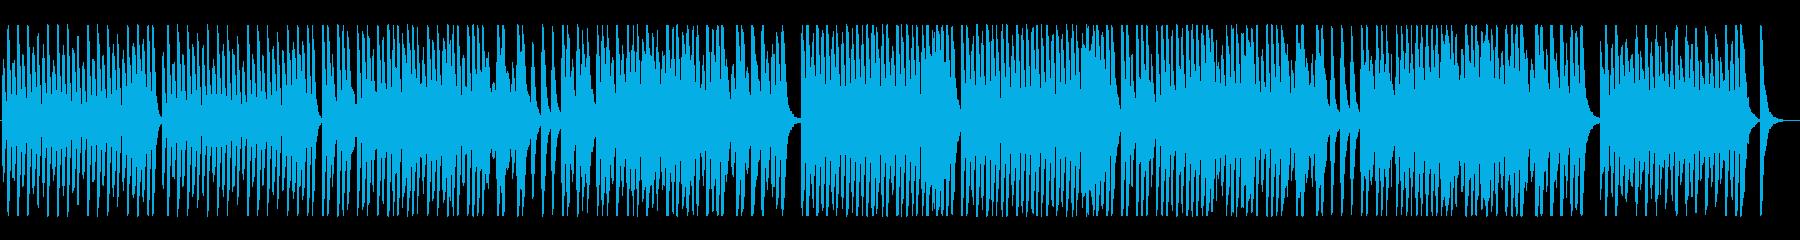 【パーカス抜】楽しいハッピーオーケストラの再生済みの波形